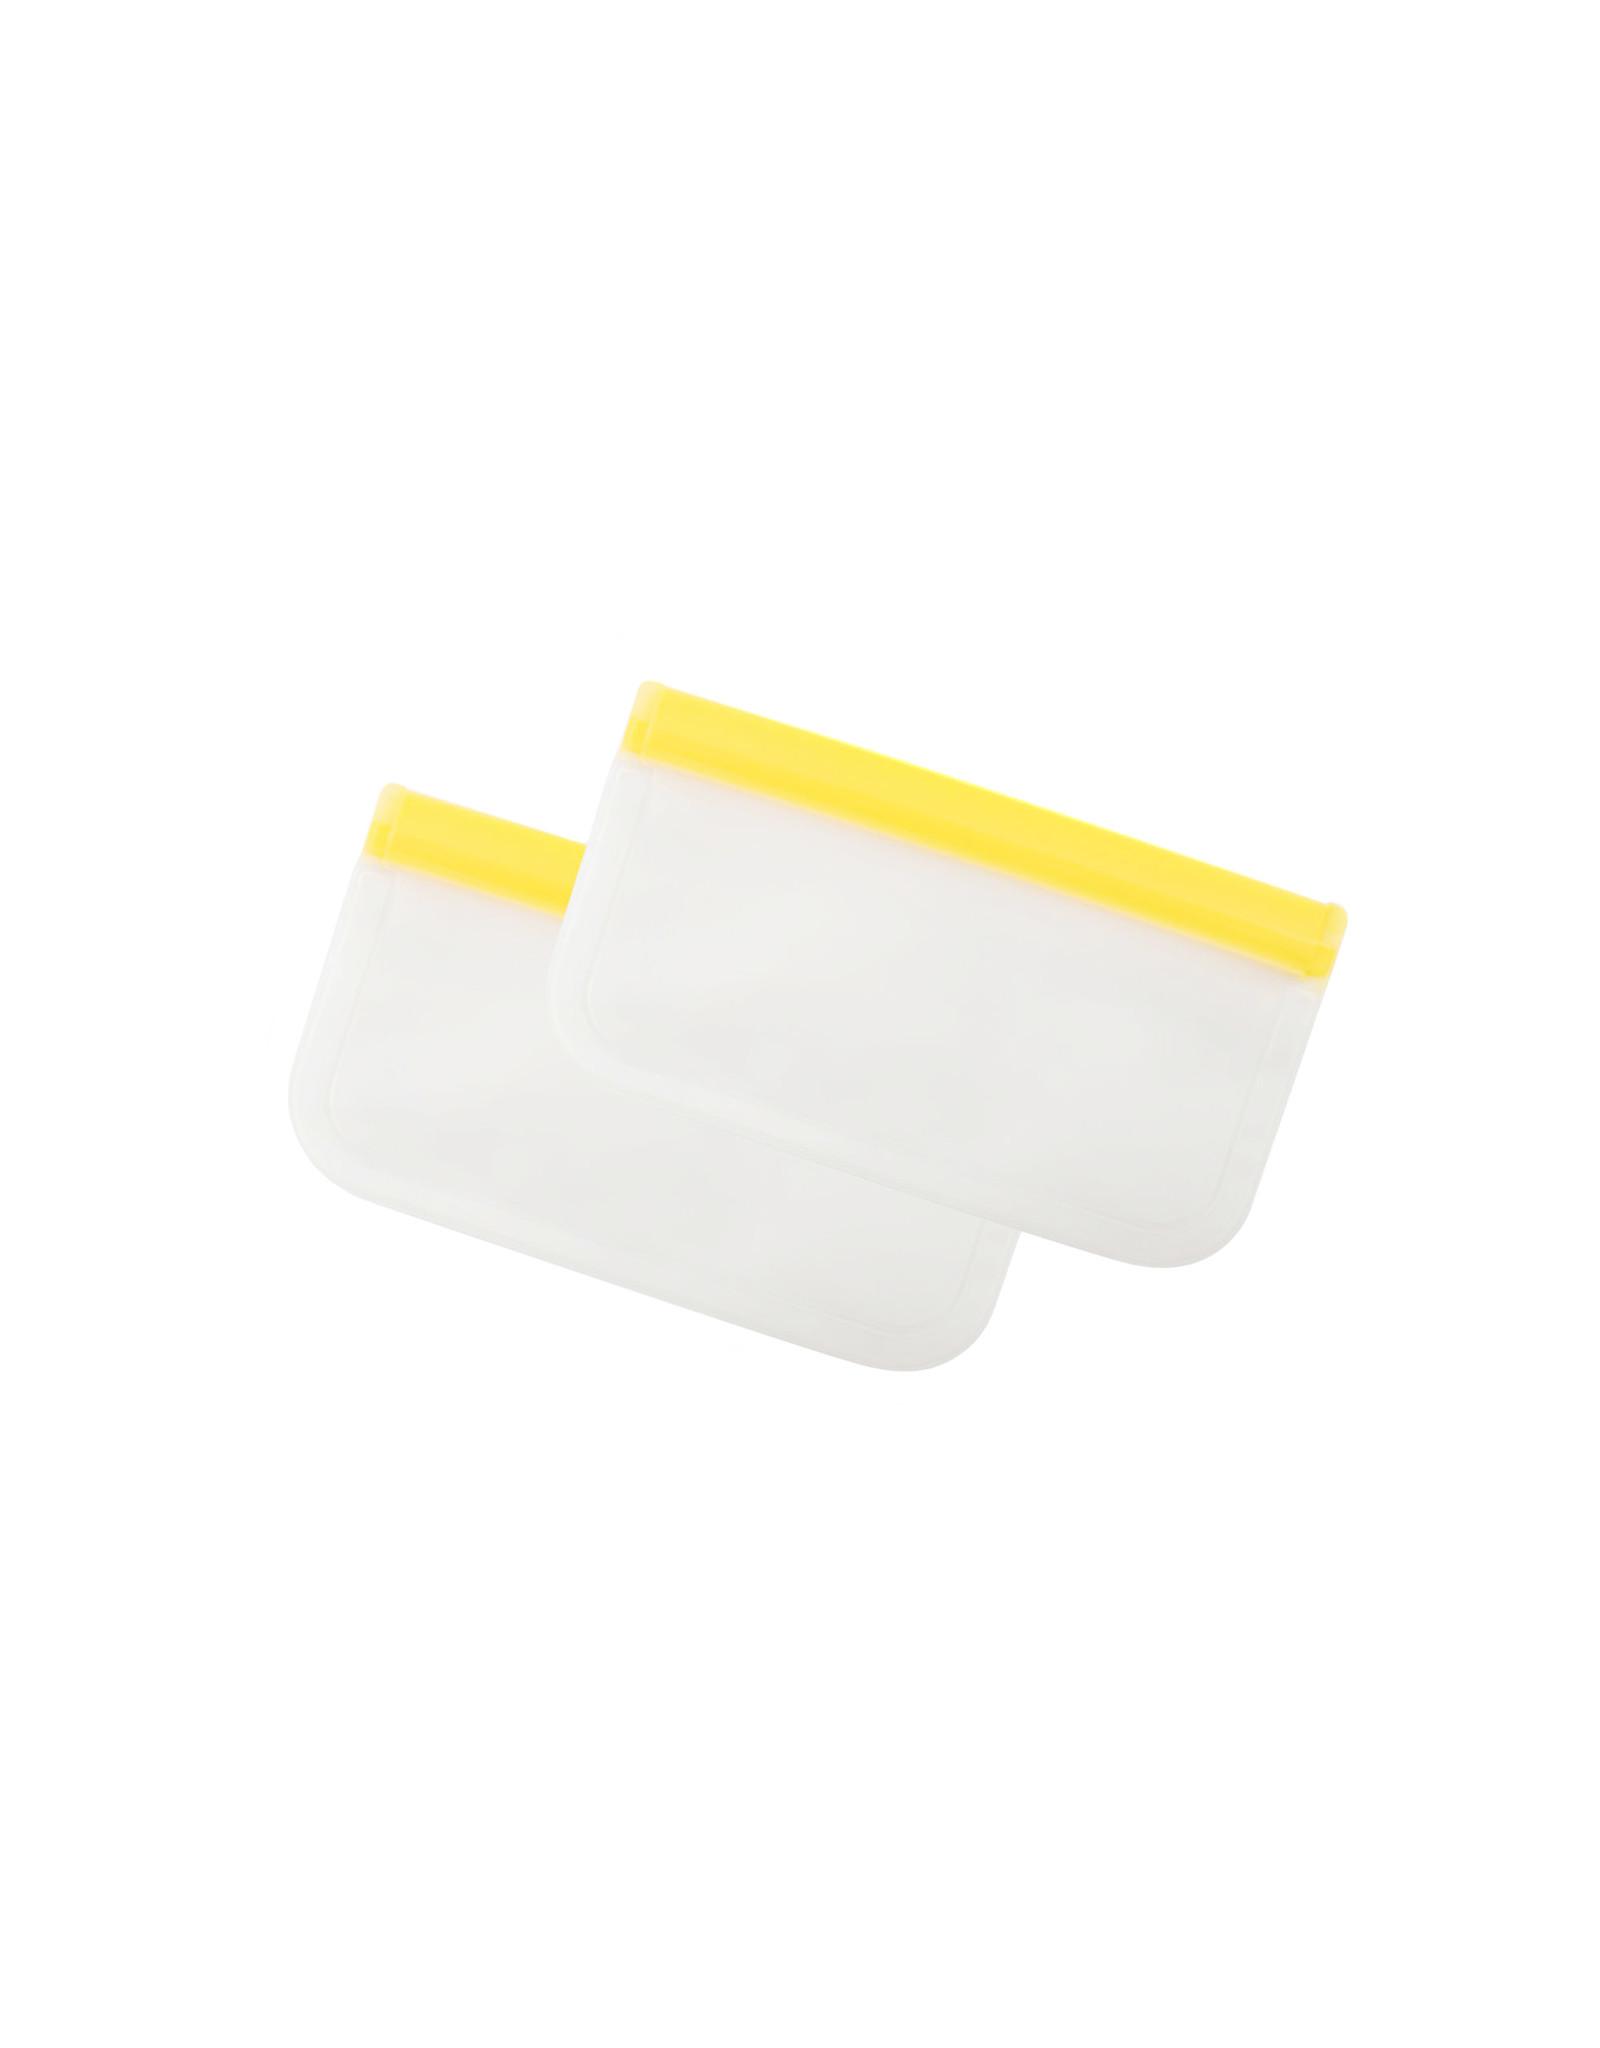 Herbruikbare vershoudzakken 2st. geel 290ml